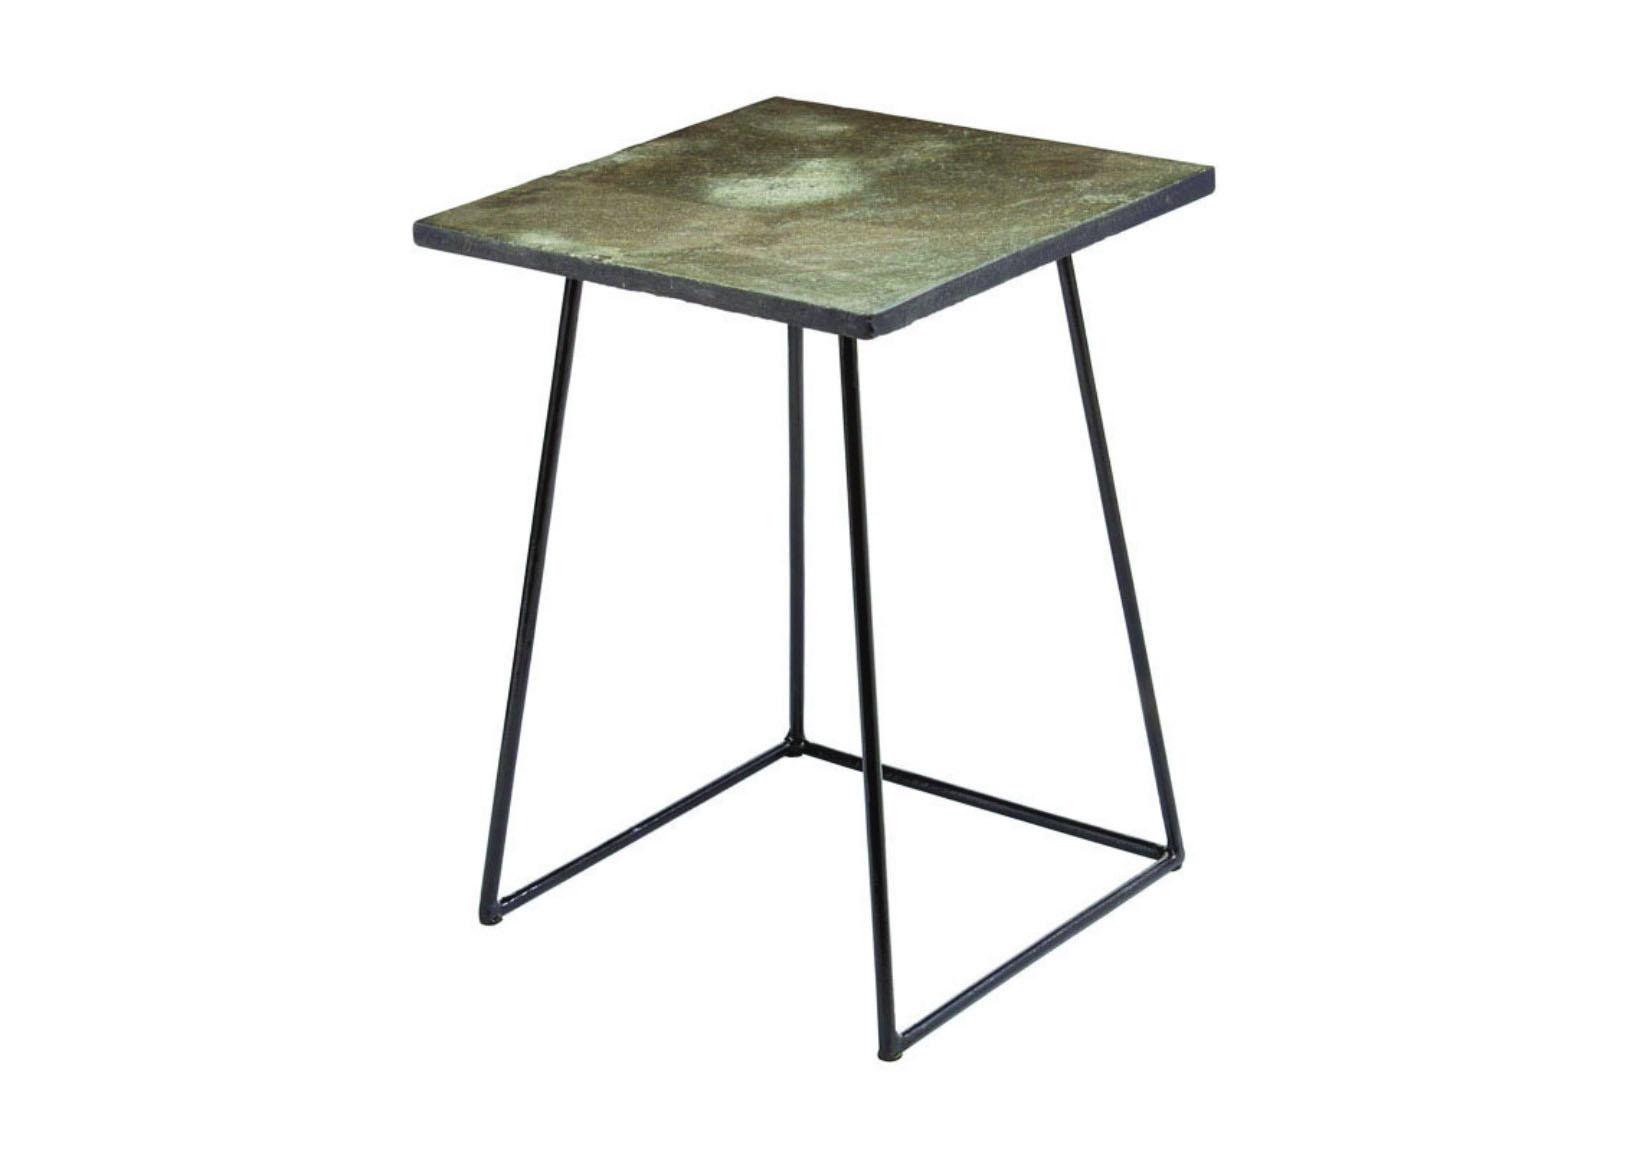 Linear Concrete Table